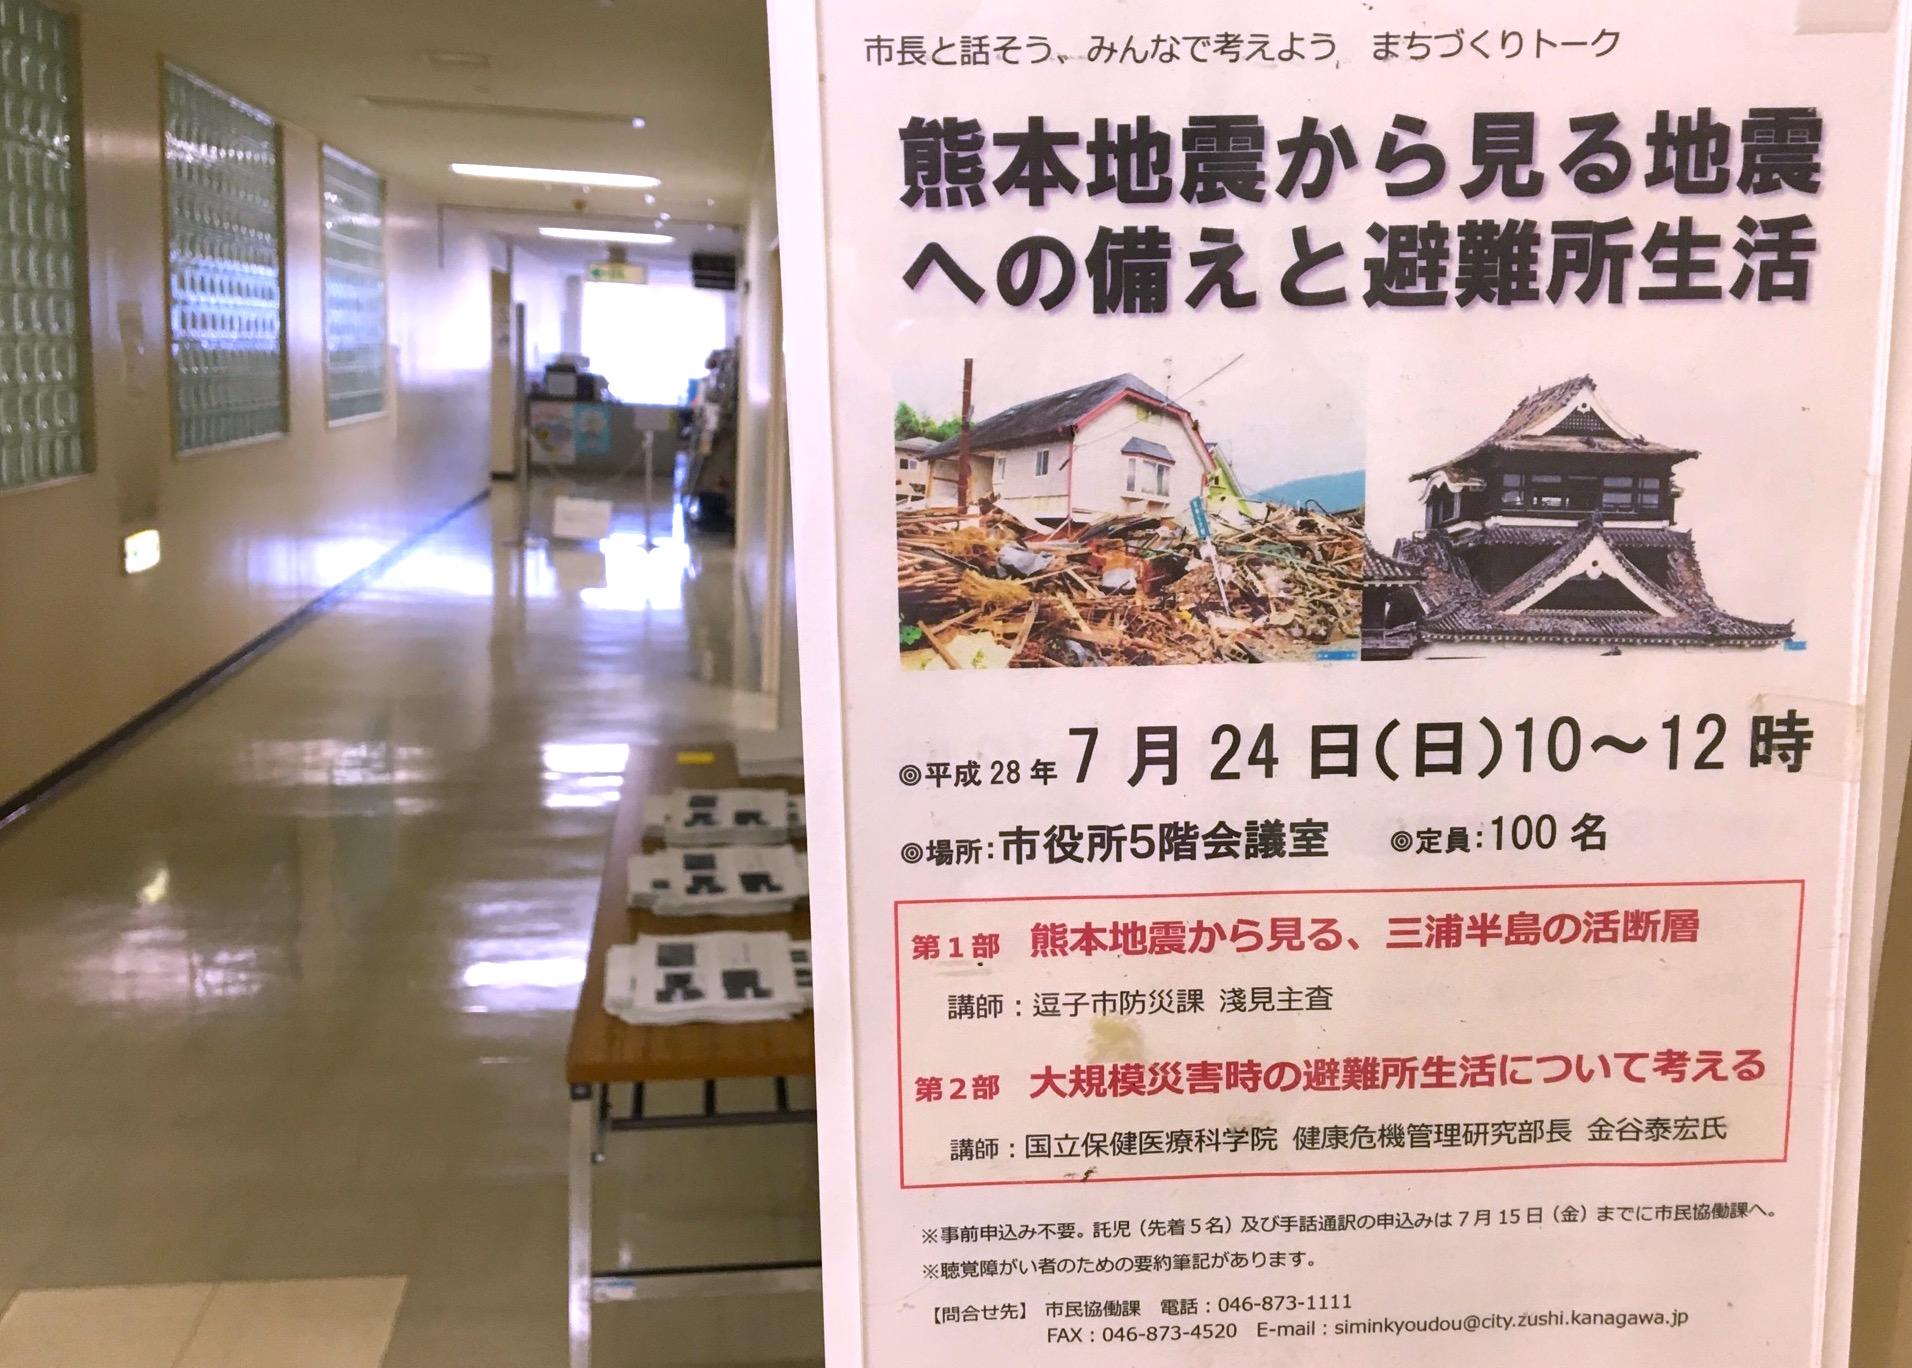 まちづくりトーク「熊本地震から見る地震への備えと避難所生活」